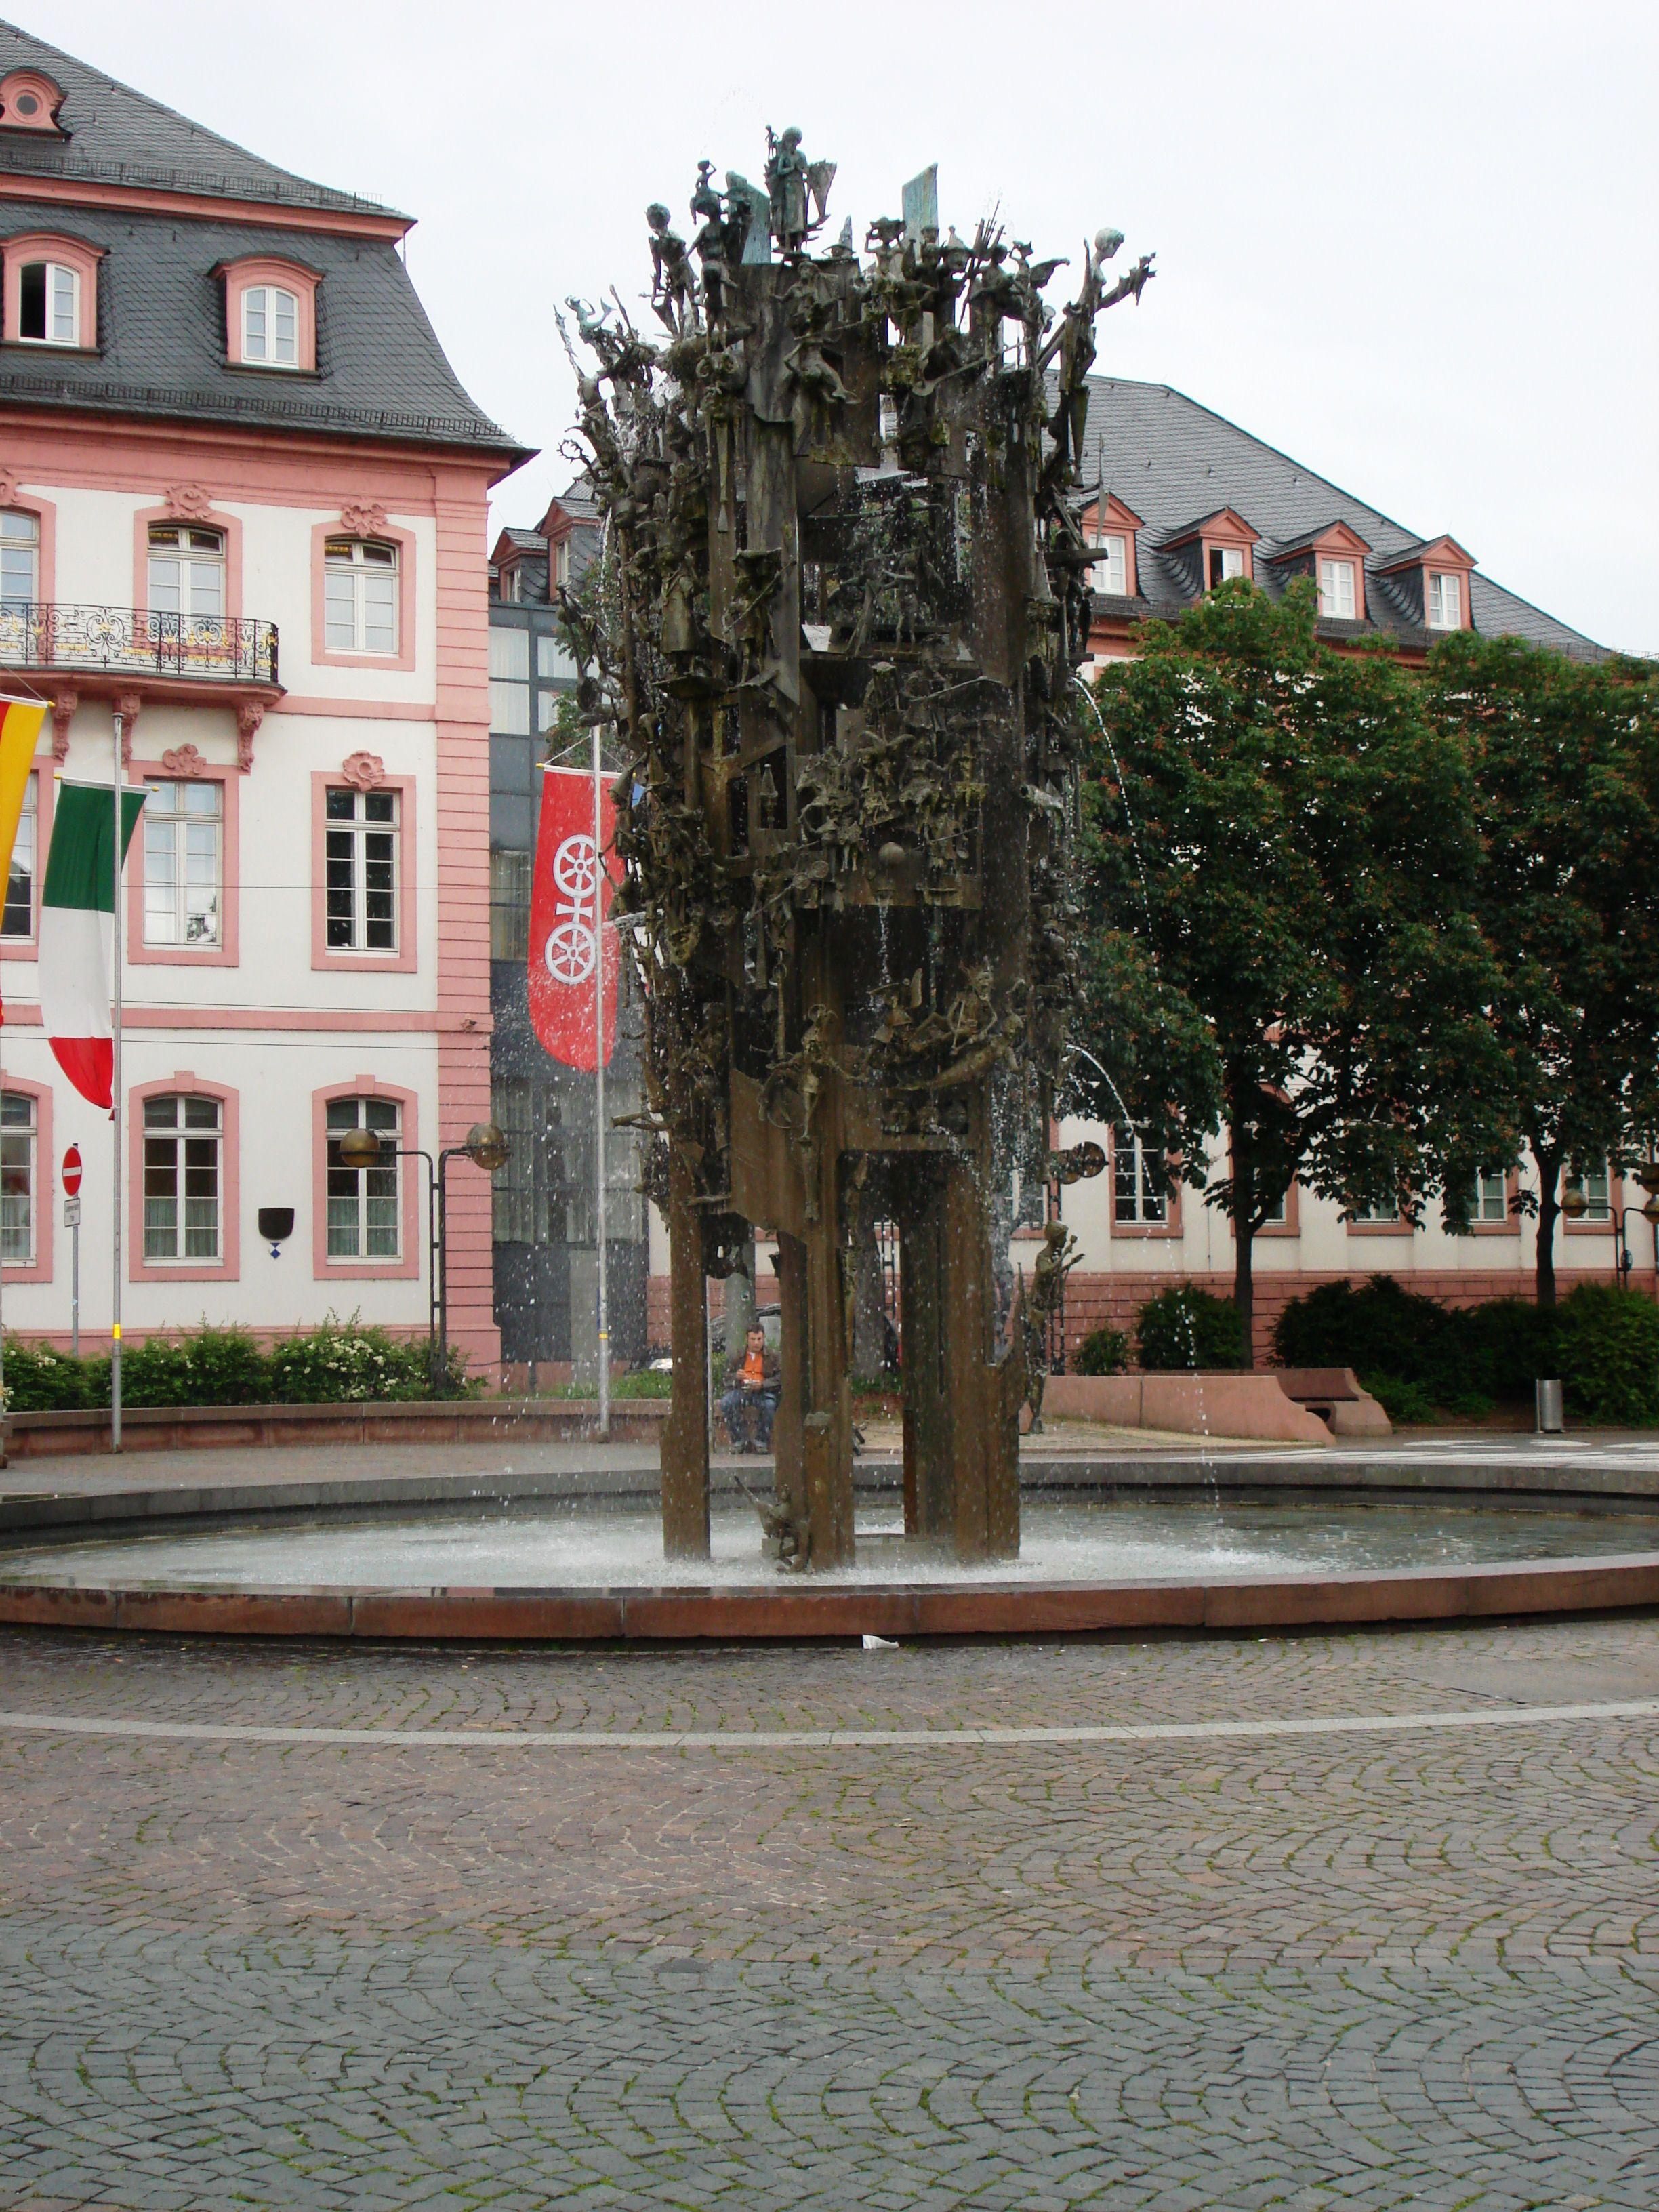 Fastnachts Brunnen Mainz Germany Mainz Mainz Germany Germany